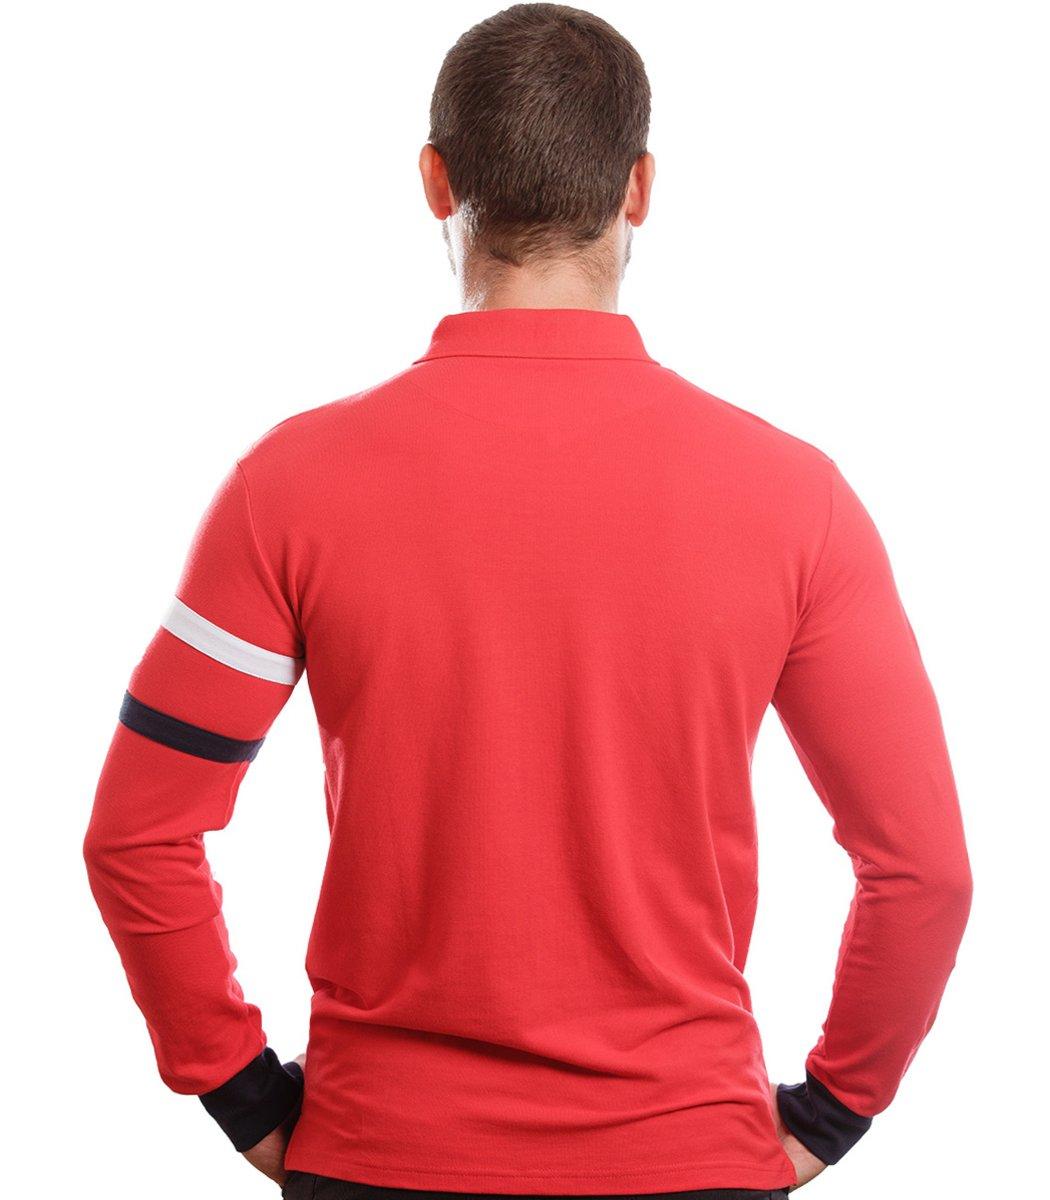 Поло с длинным рукавом Hackett PH1 (Красный)